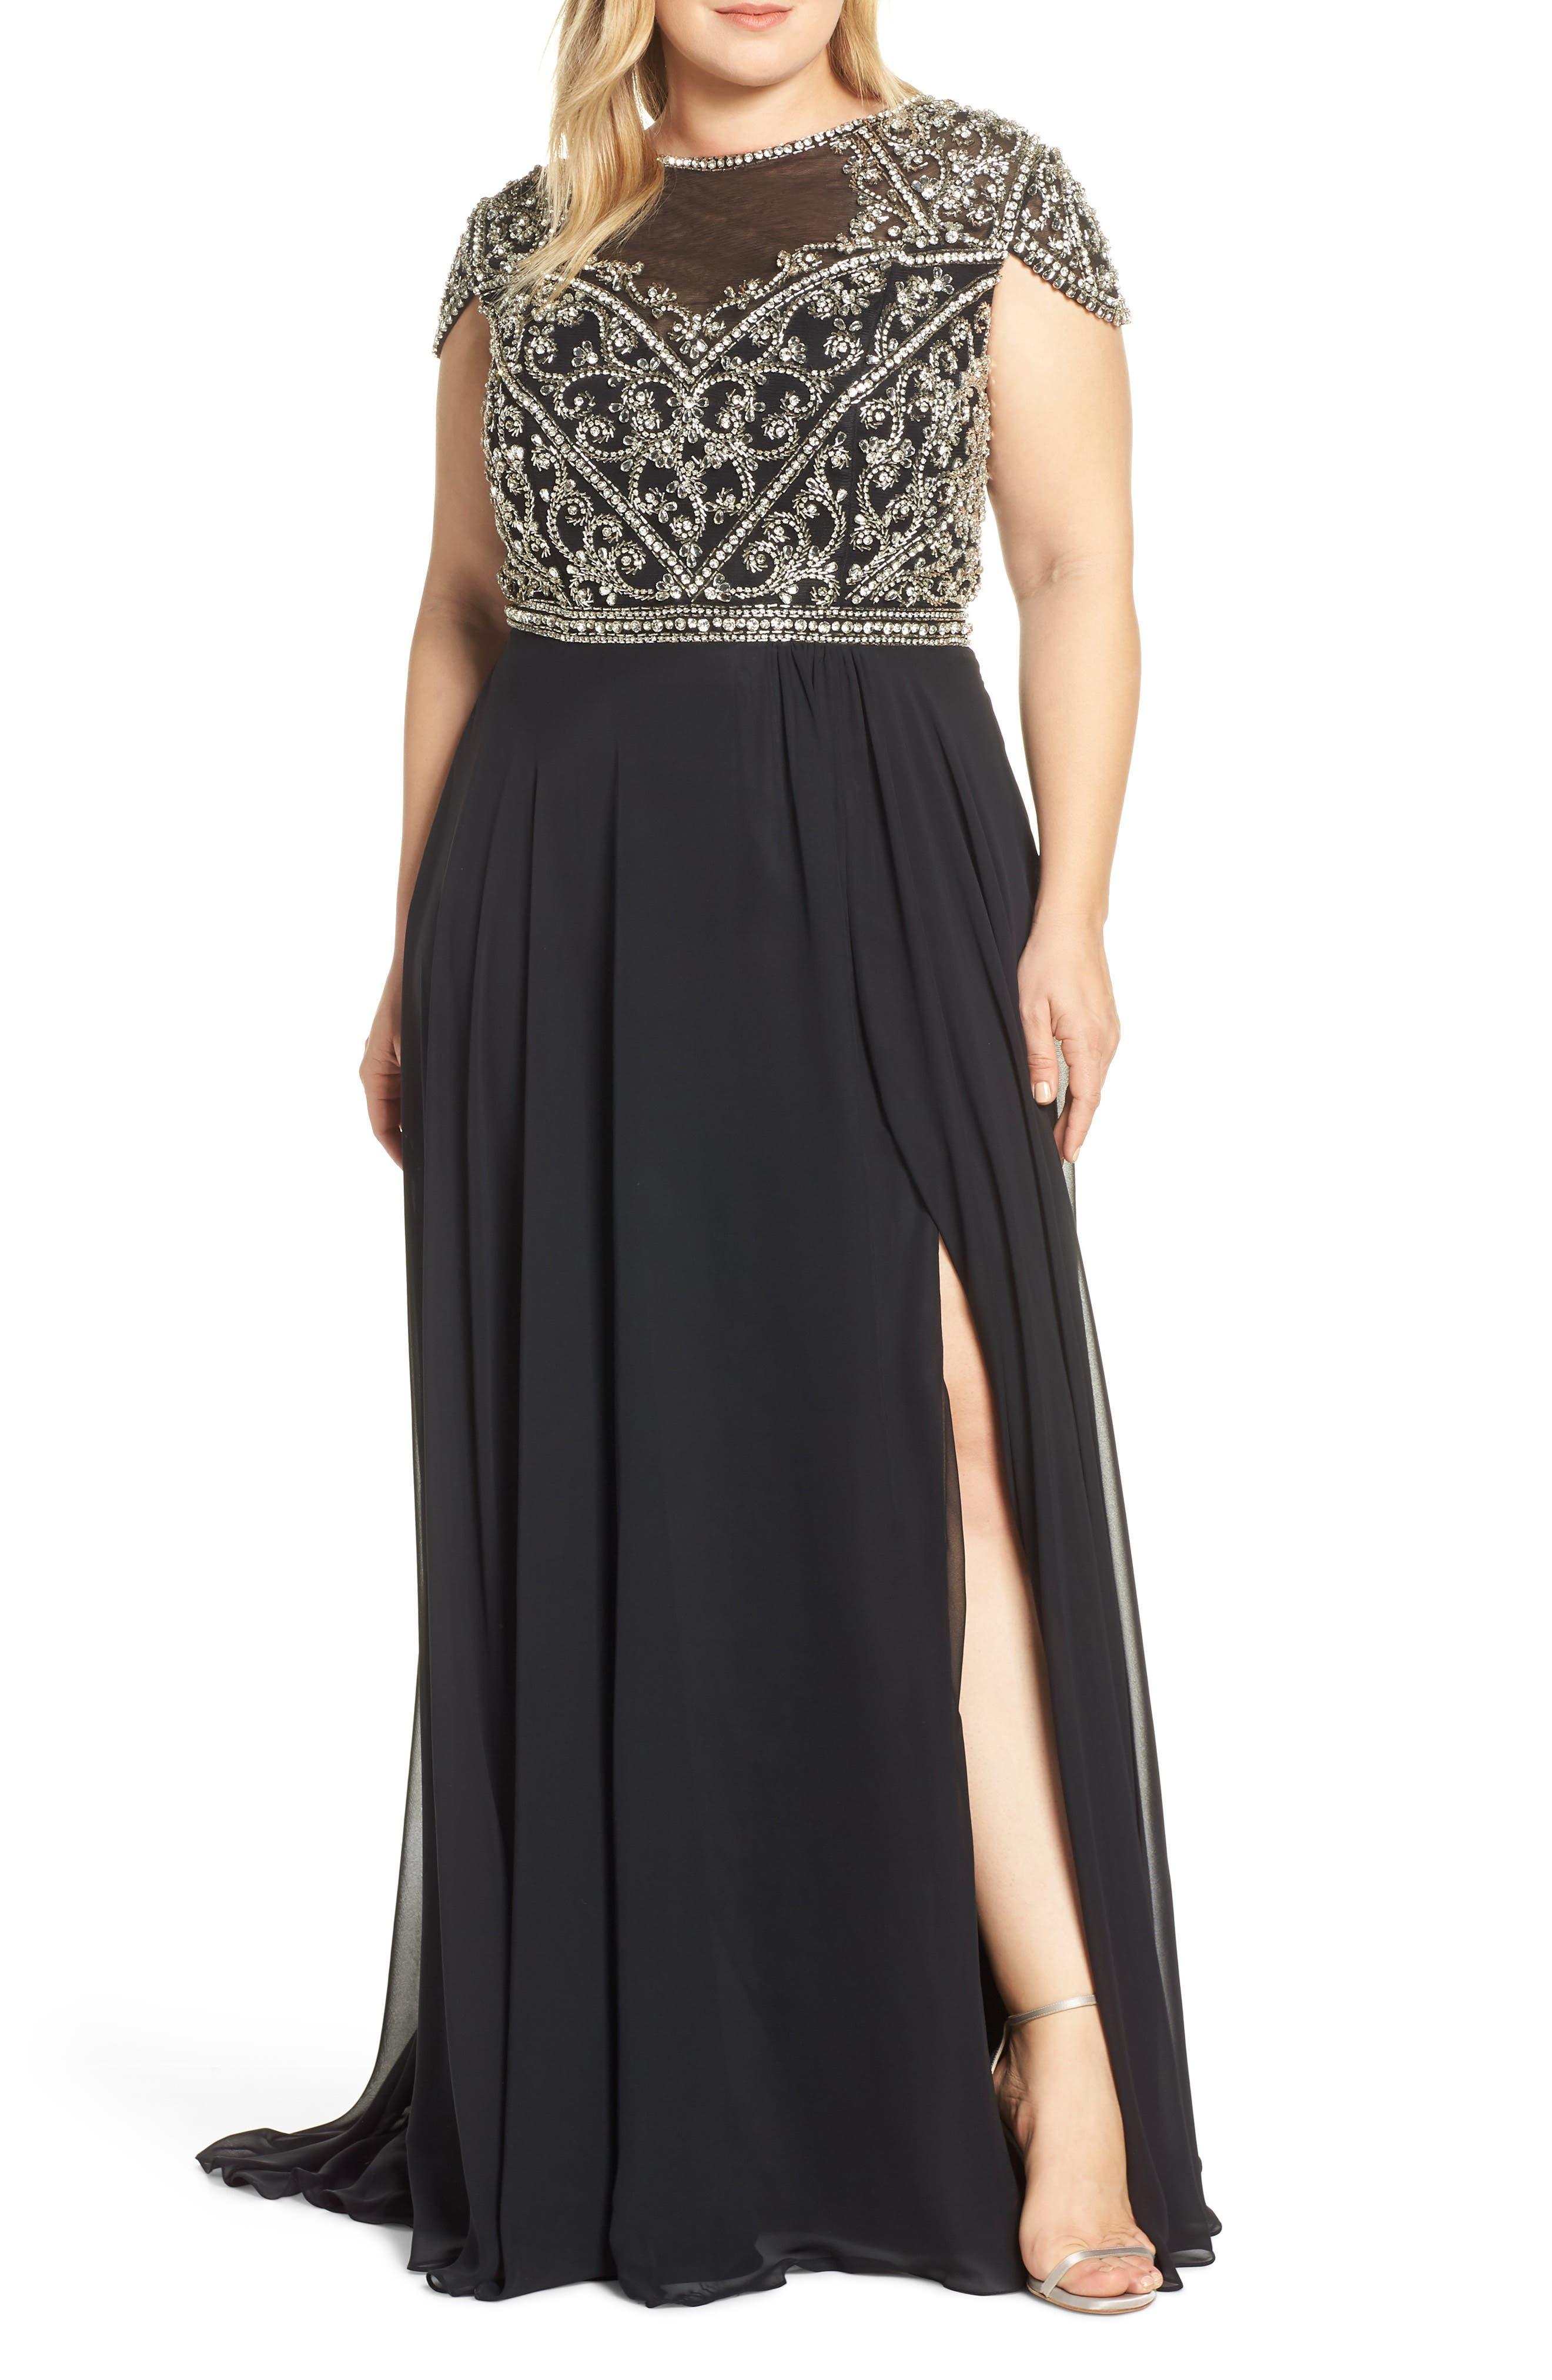 MAC DUGGAL Embellished Bodice Evening Dress, Main, color, BLACK